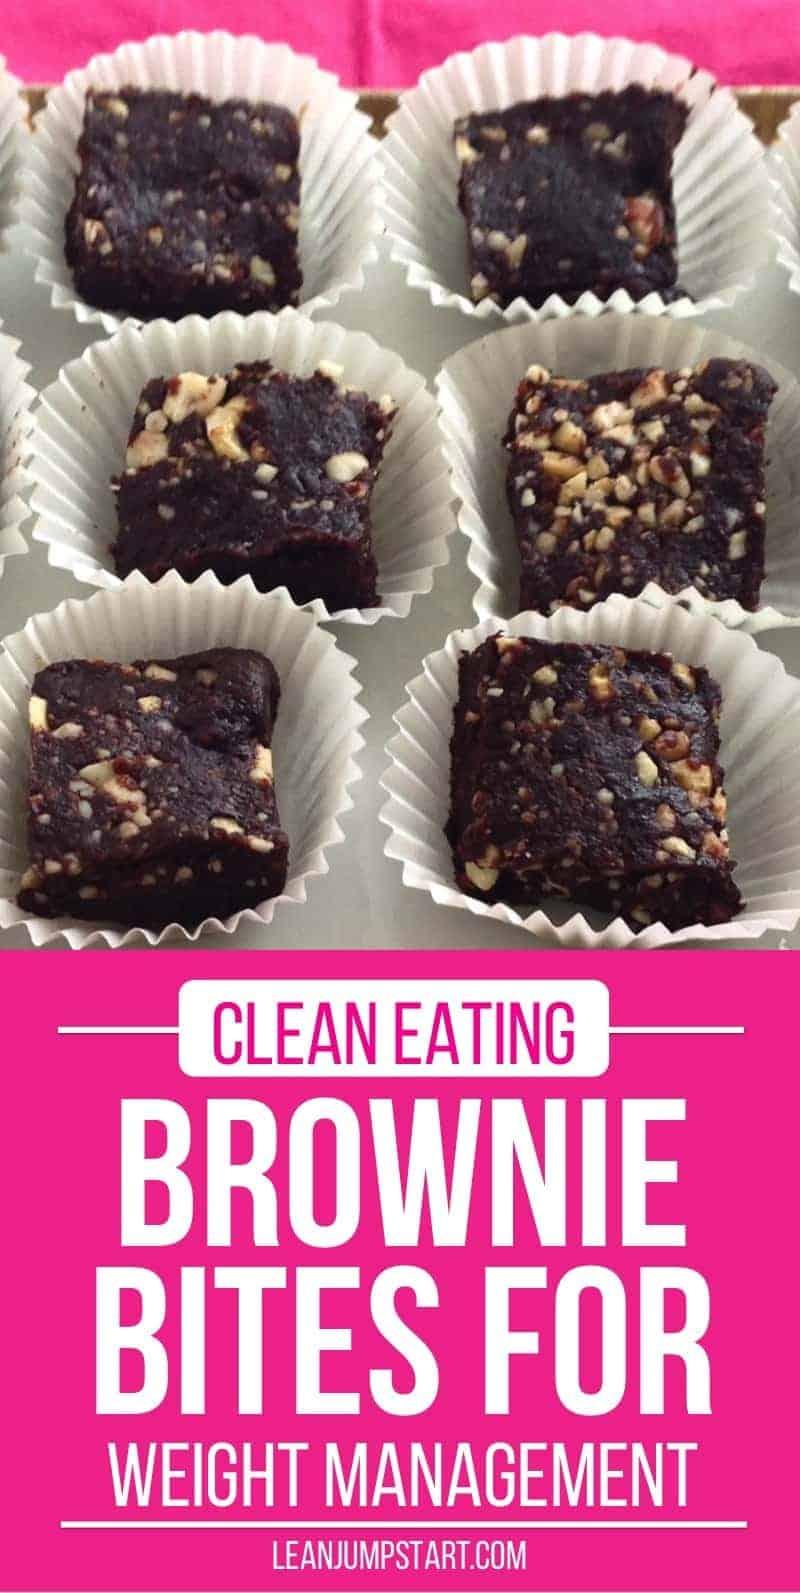 clean eating brownie bites recipe